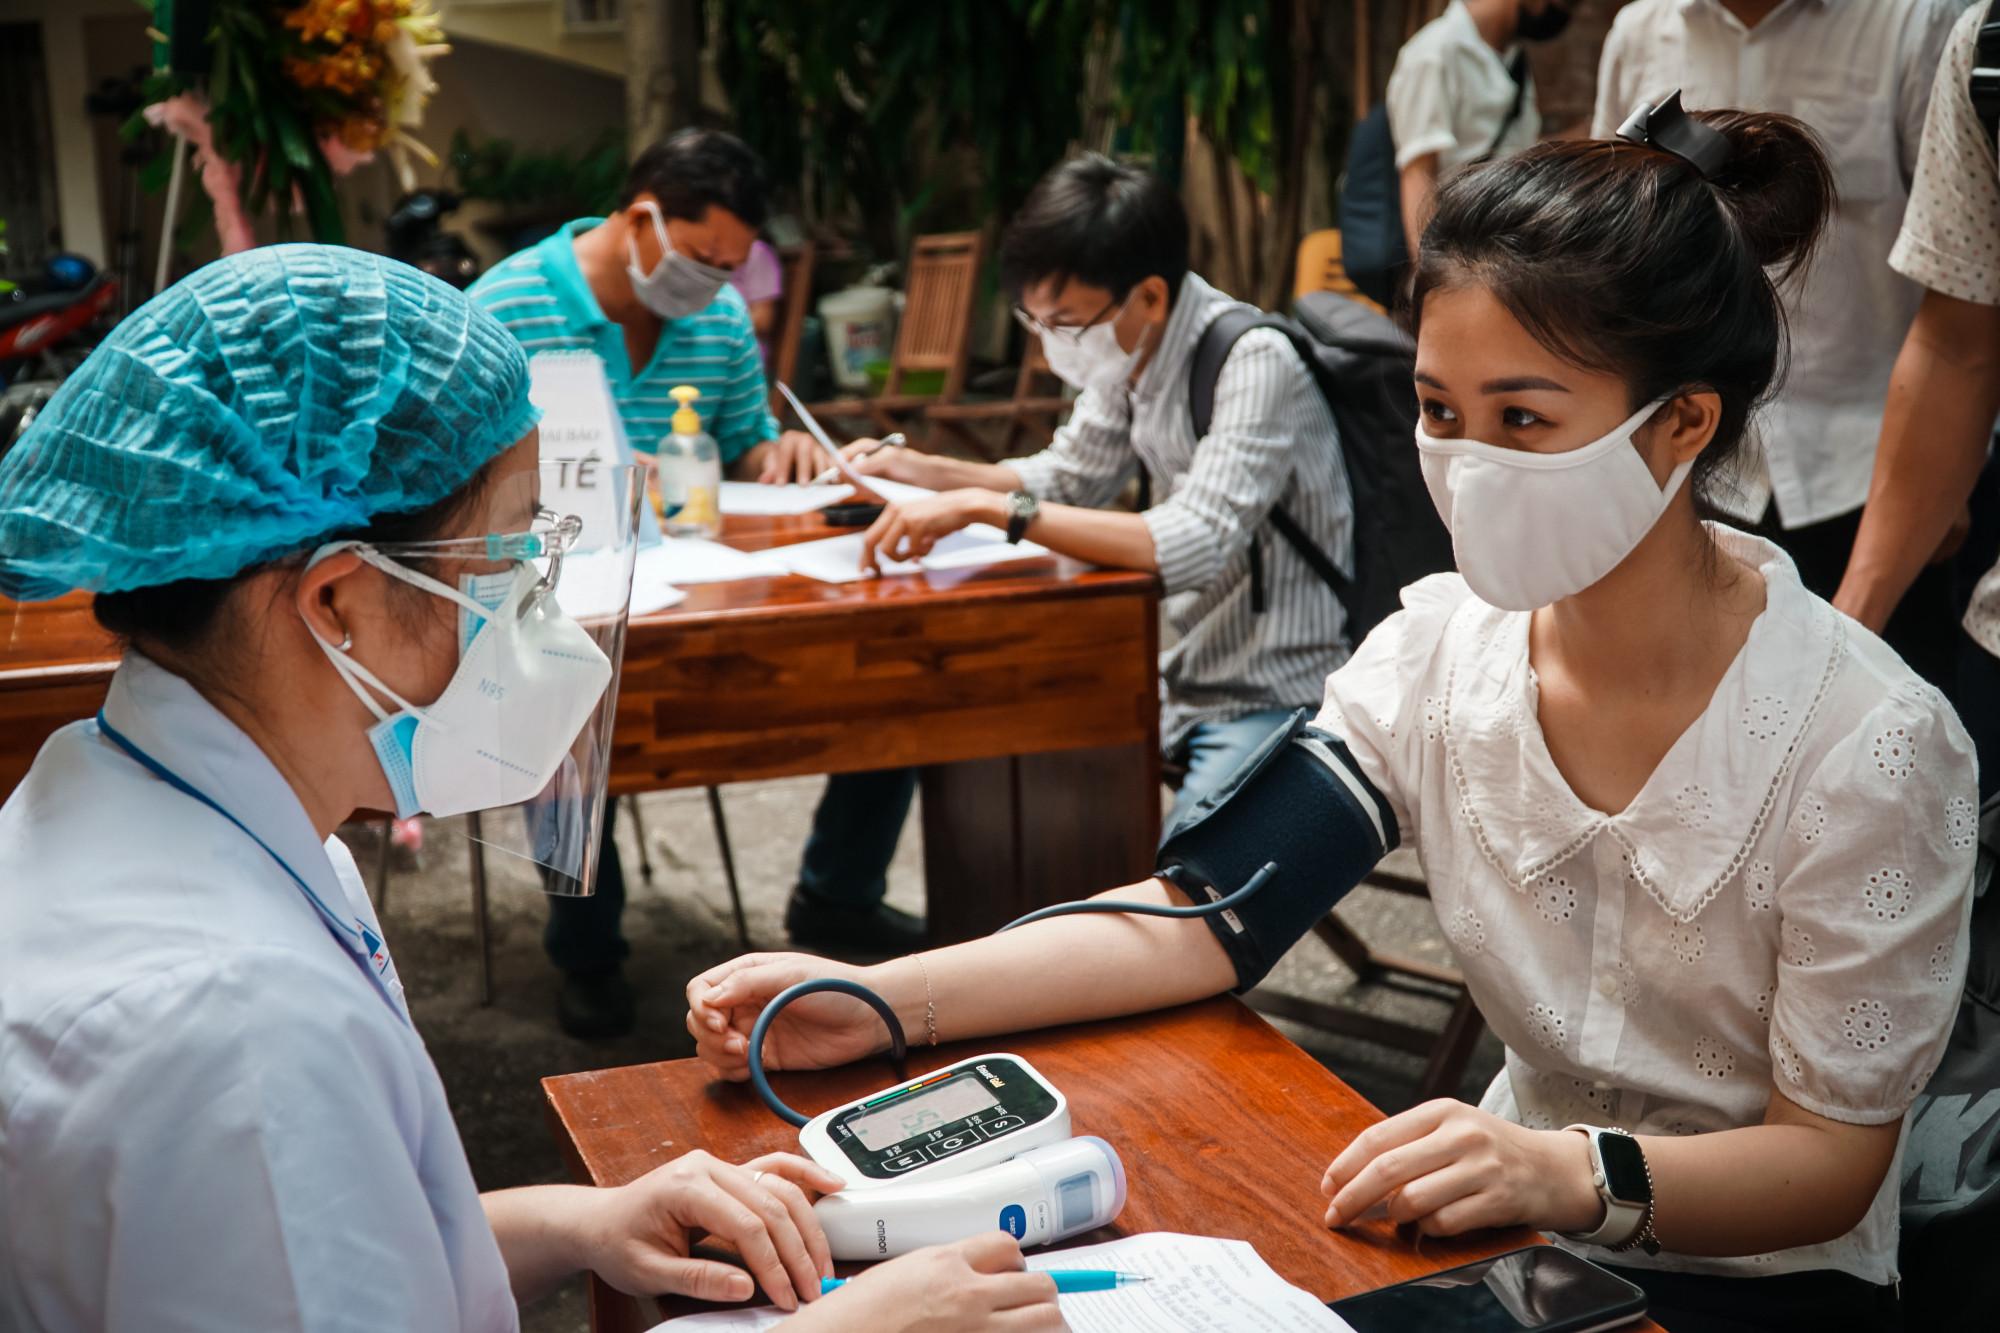 Phóng viên được đo huyết áp trước khi vào tiêm, trường hợp huyết áp cao, sẽ được nghĩ ngơi và tiến hành đo lại sau